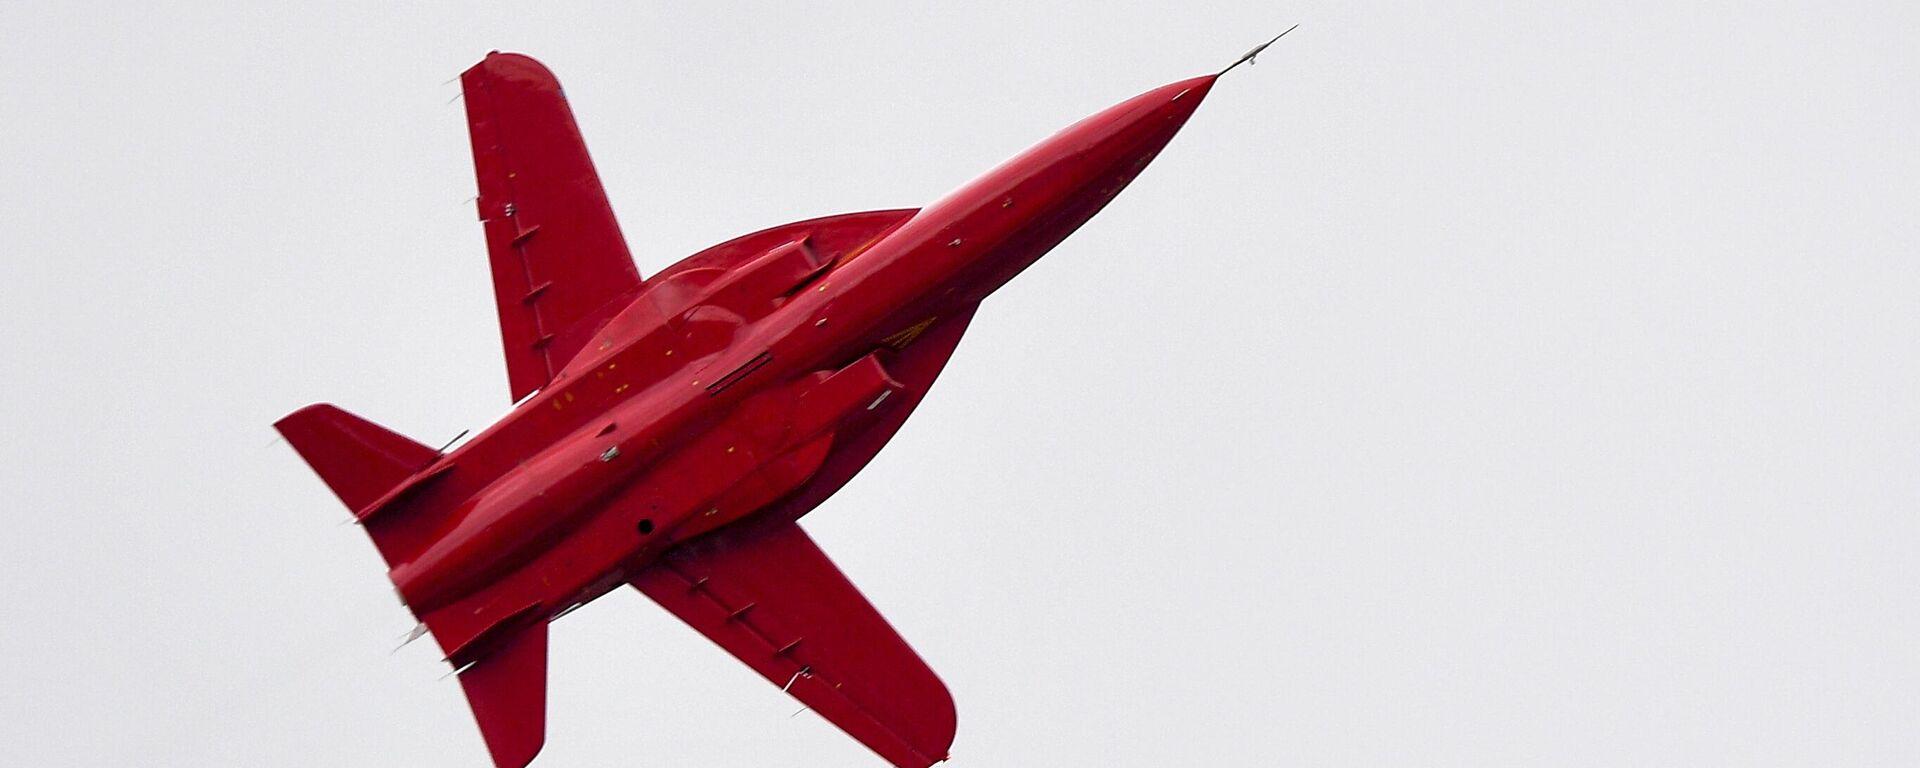 Un jet de entrenamiento ligero ruso SR-10 - Sputnik Mundo, 1920, 02.03.2021